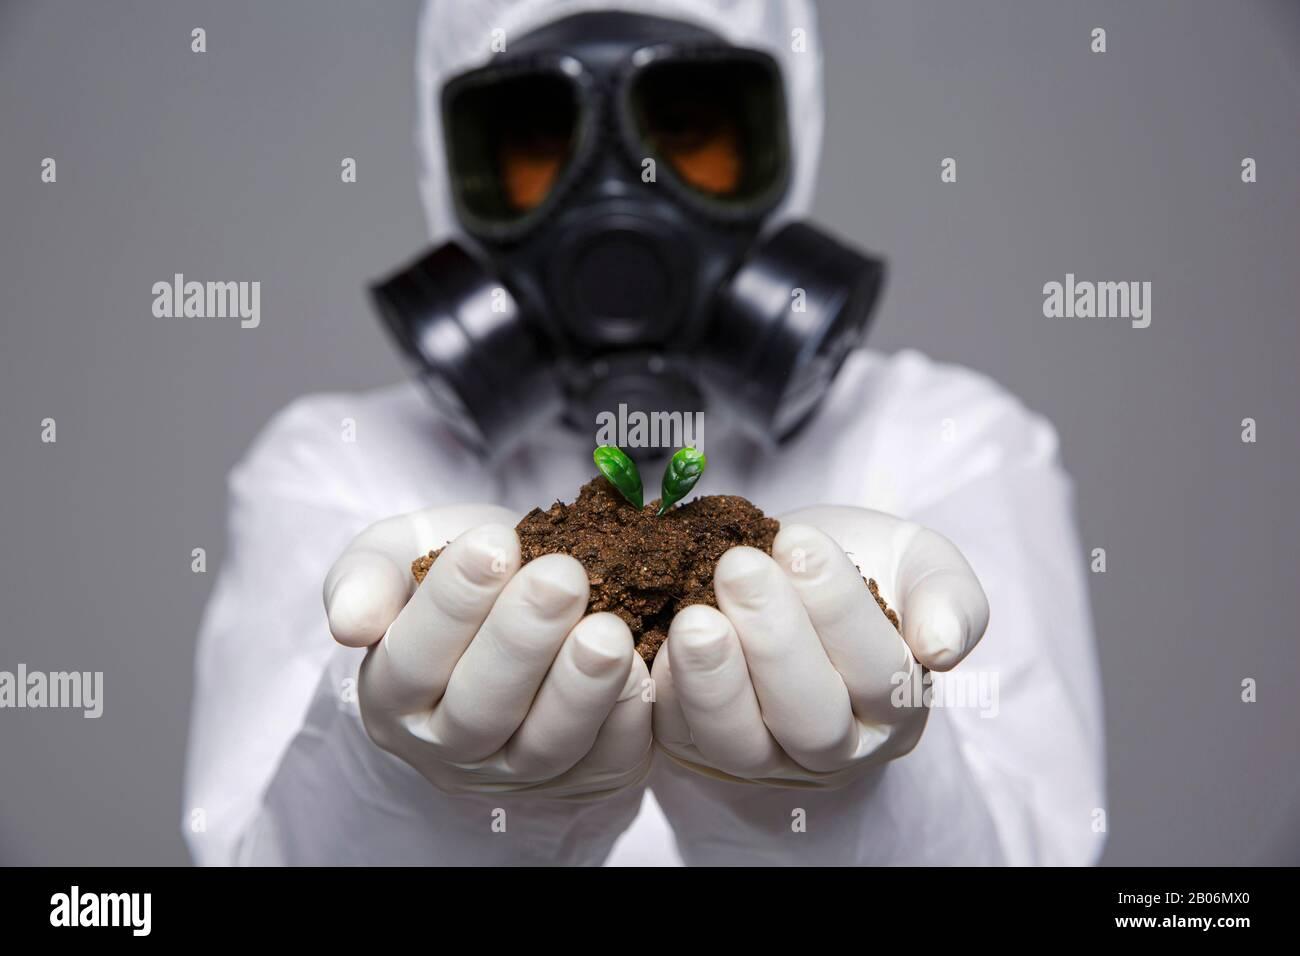 Gas Mask Plant Imgenes De Stock  Gas Mask Plant Fotos De Stock